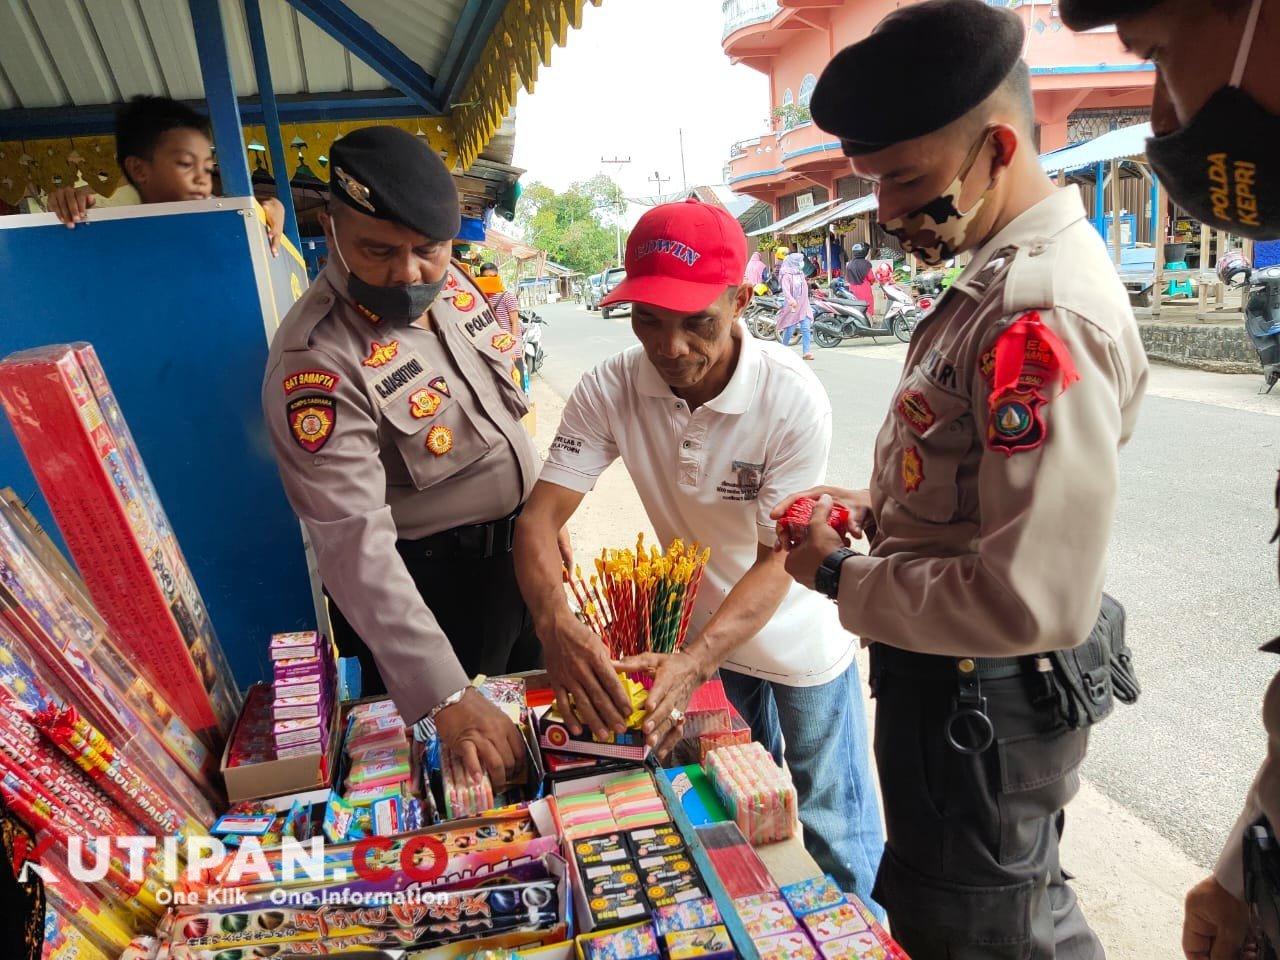 Foto patroli petasan, penjual petasan di pasar dabo singkep, Polres lingga